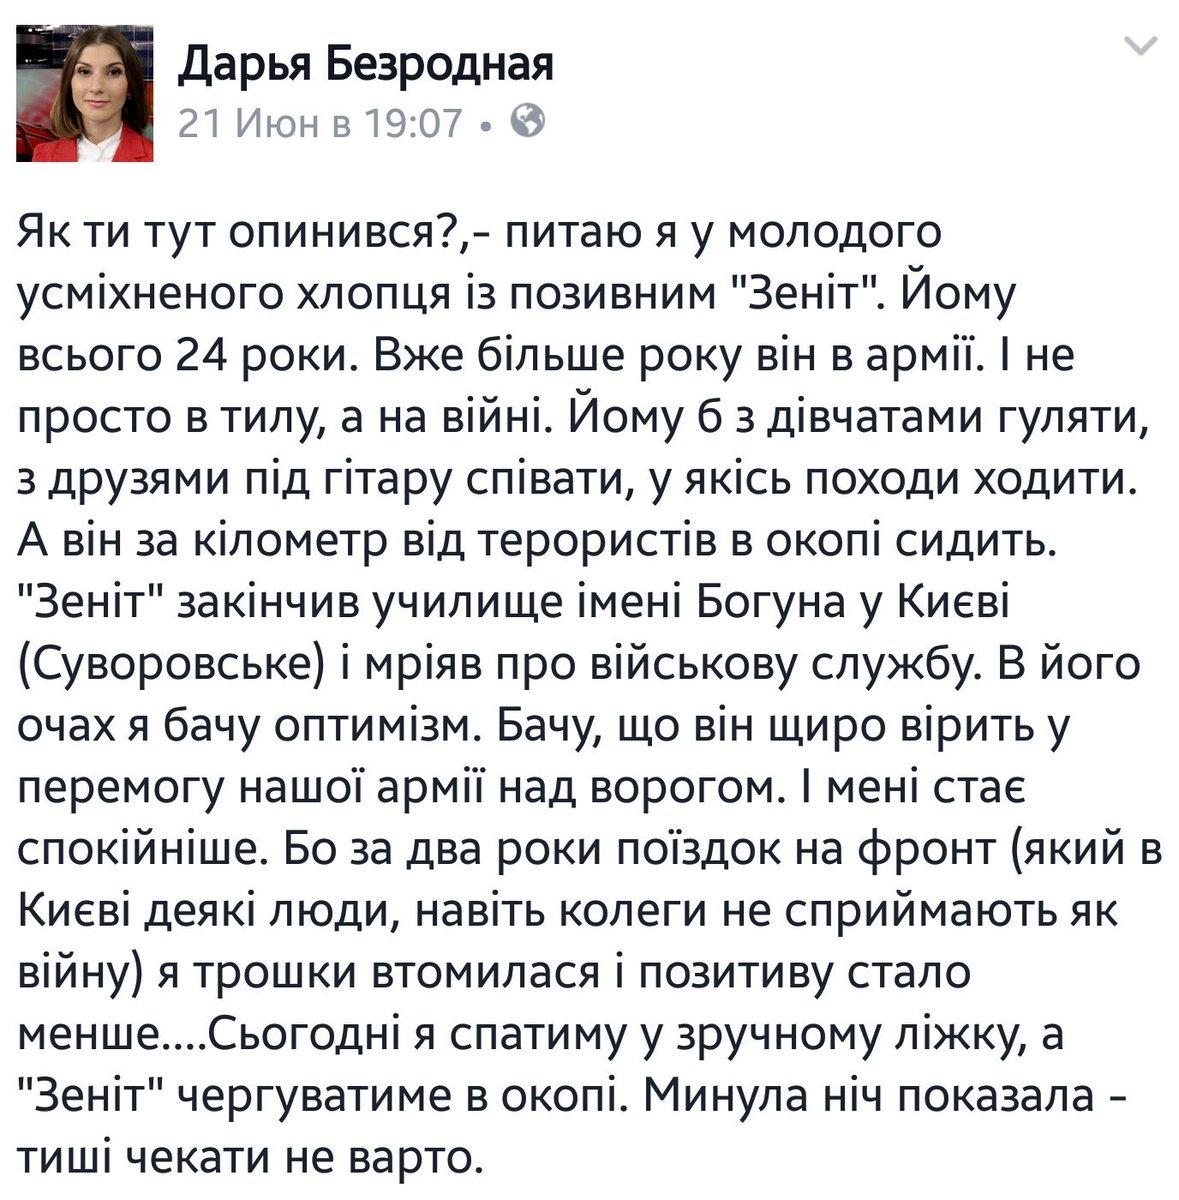 Вести диалог с заведомо продажными людьми нет смысла, - Савченко о возвращении российской делегации в ПАСЕ - Цензор.НЕТ 9414